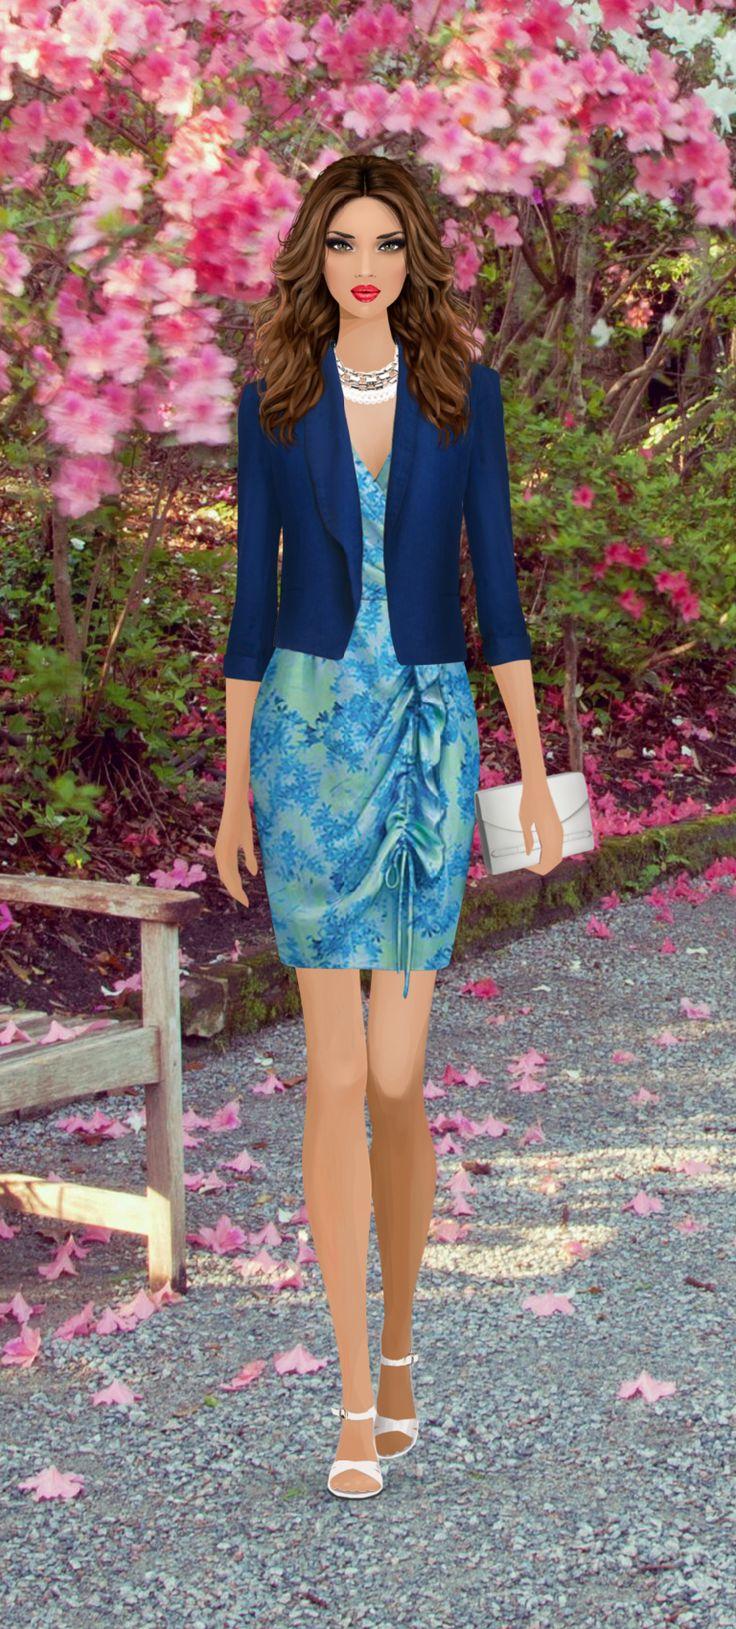 Magnolia Ball On Covet Fashion Game Fashionista Och Pinuppor Och Lady Figurine Pinterest